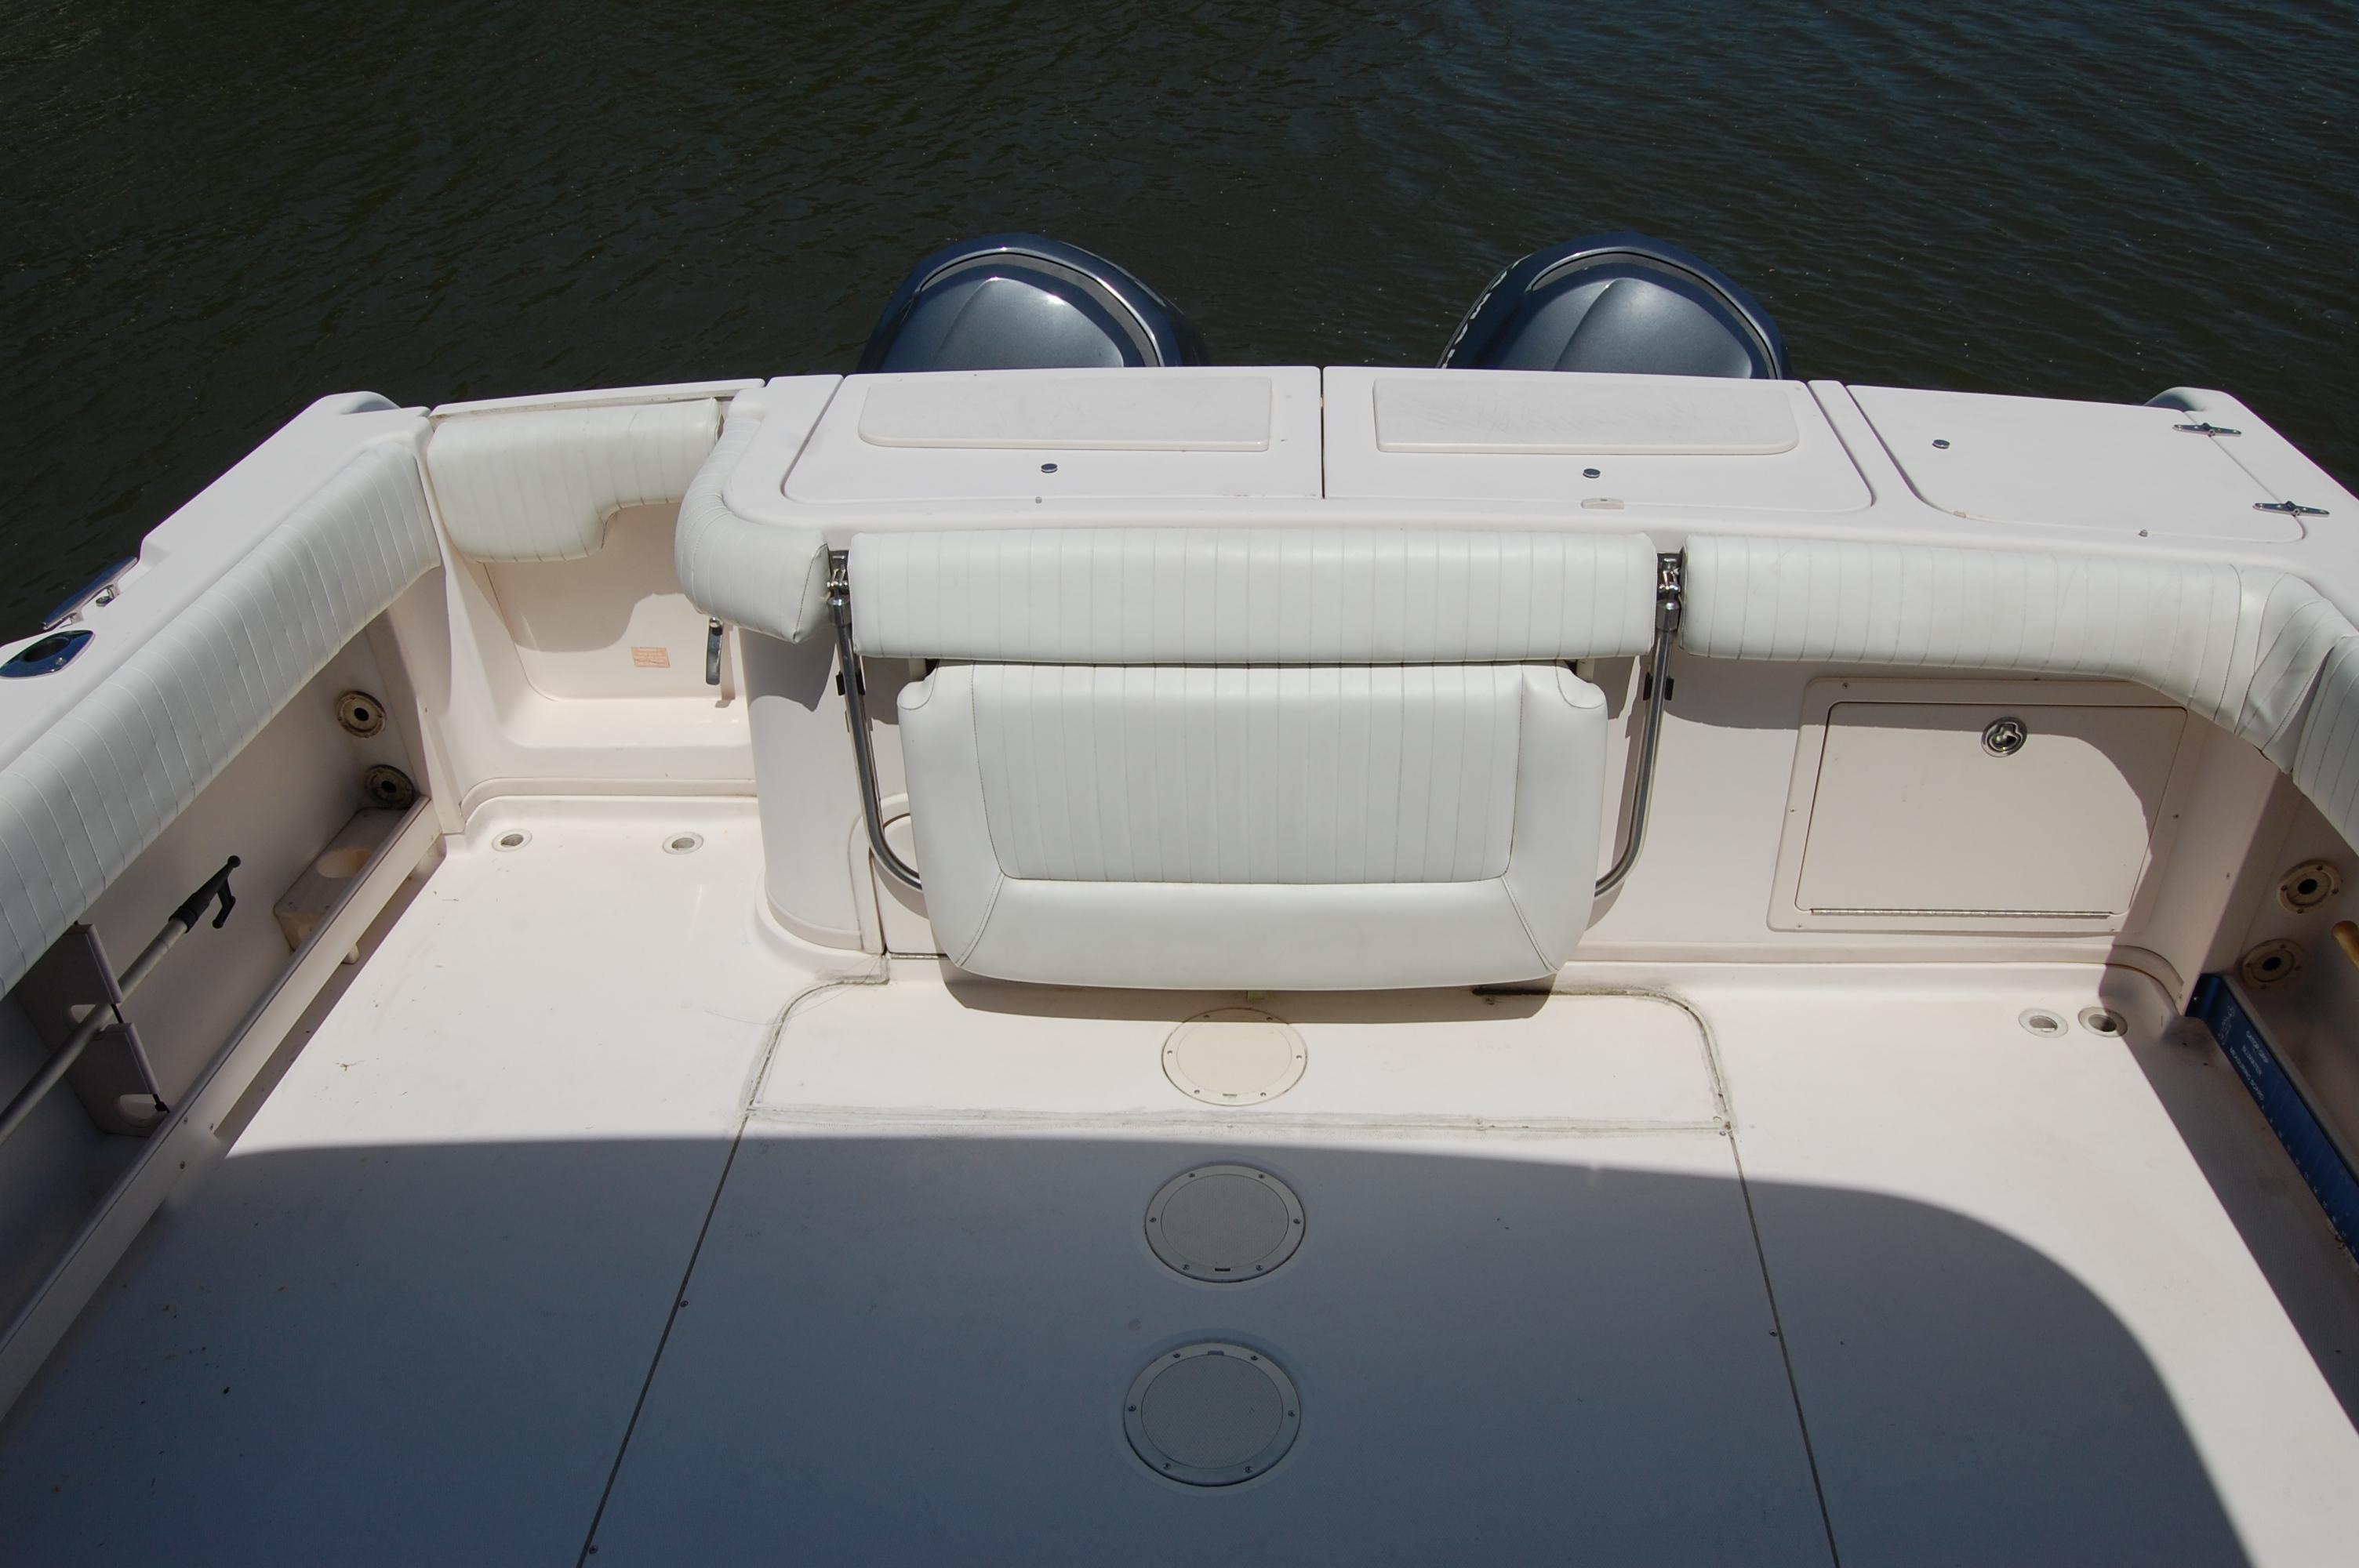 2002 Grady White 330 Express, very nice cockpit upholstery